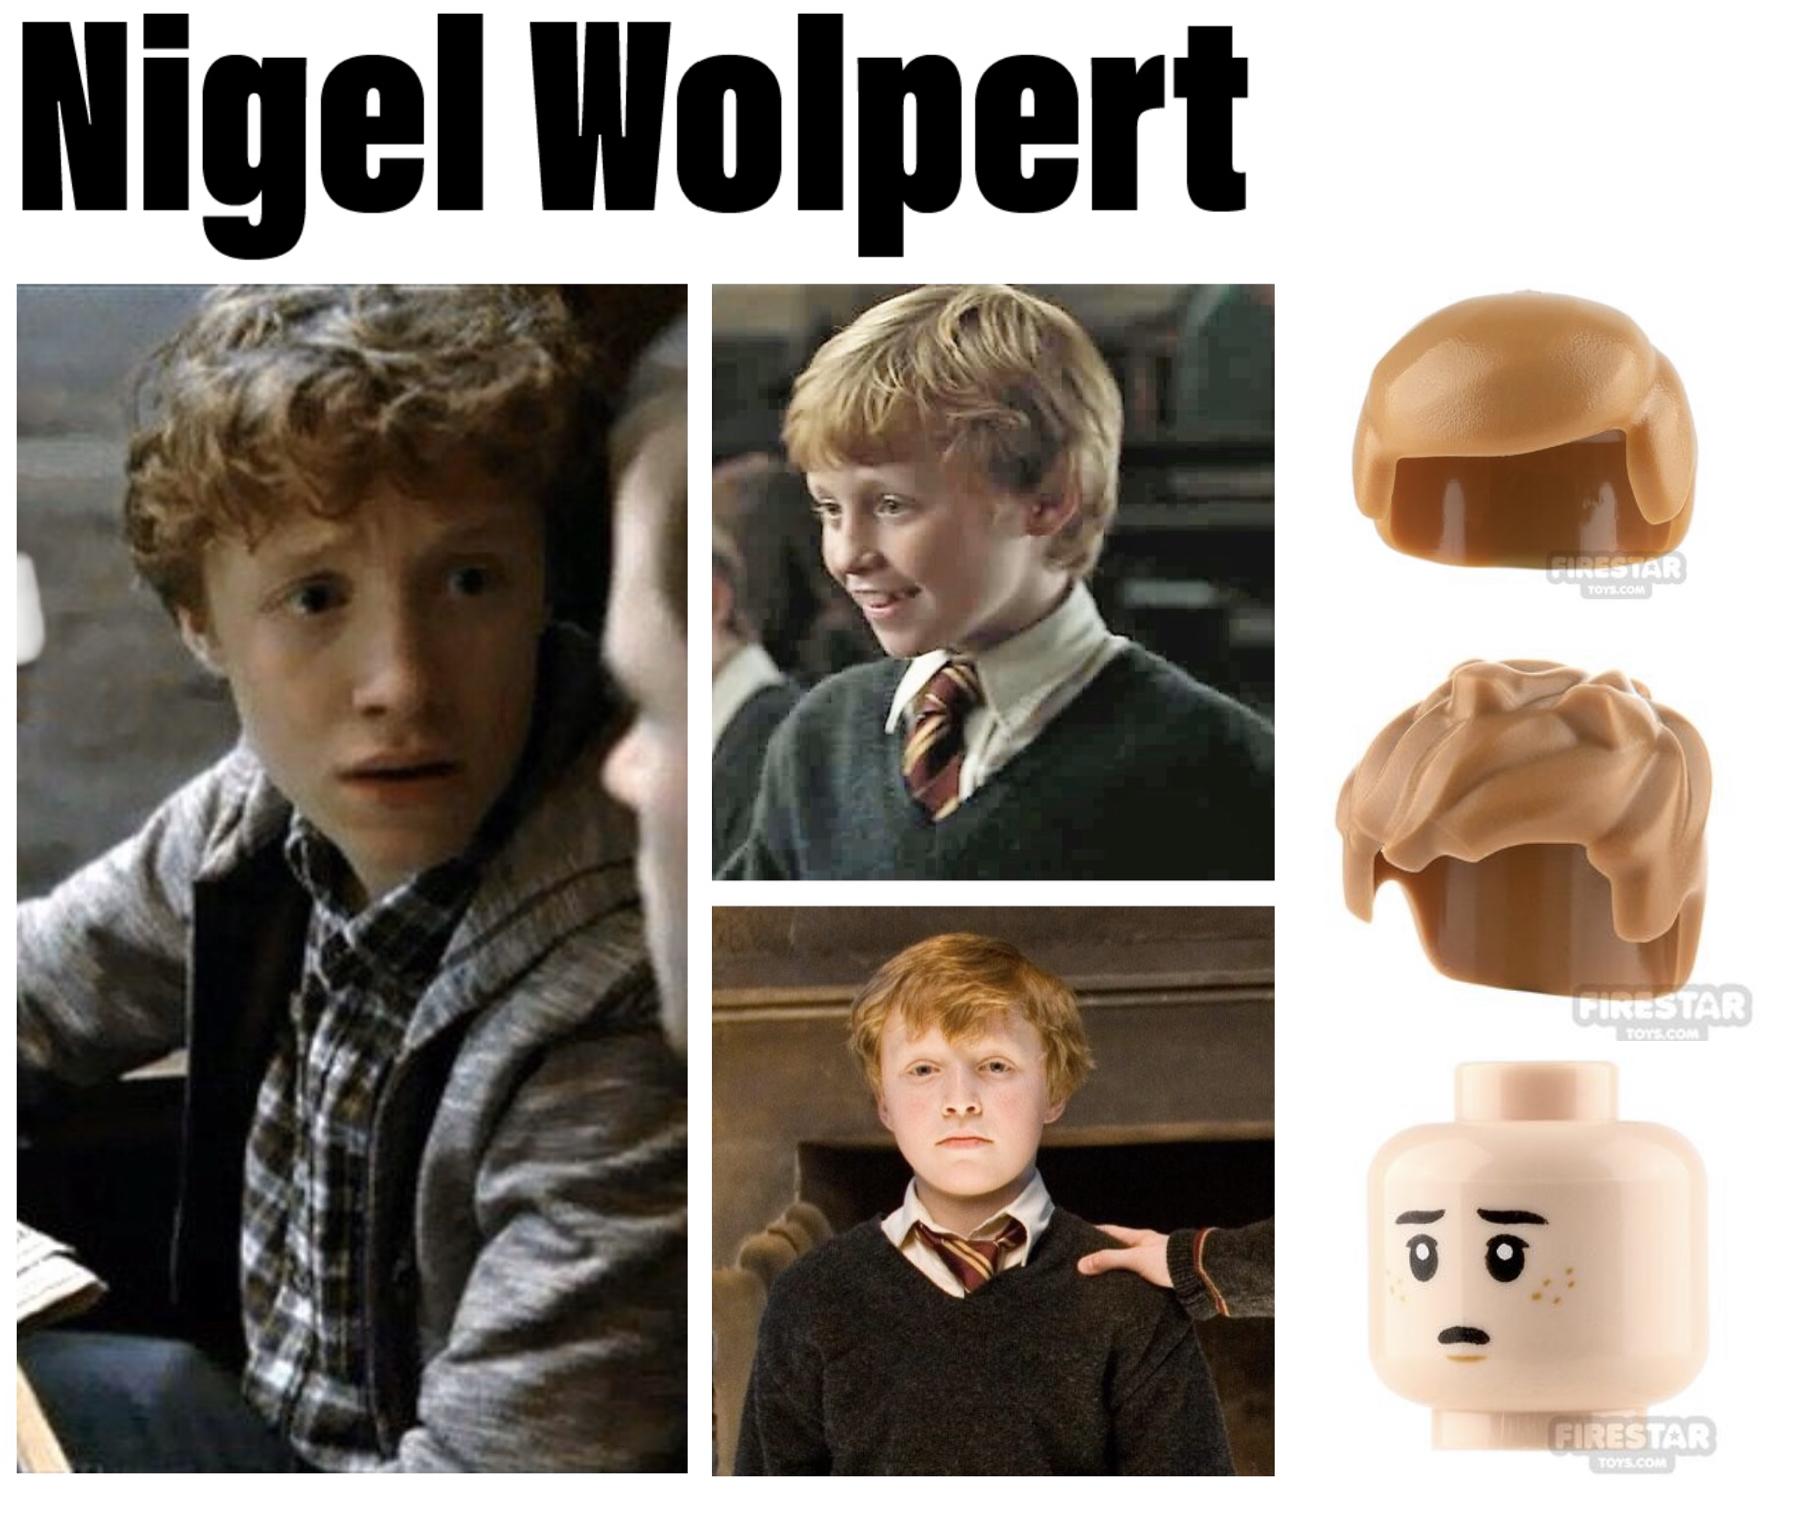 hogwarts minifigures nigel wolpert